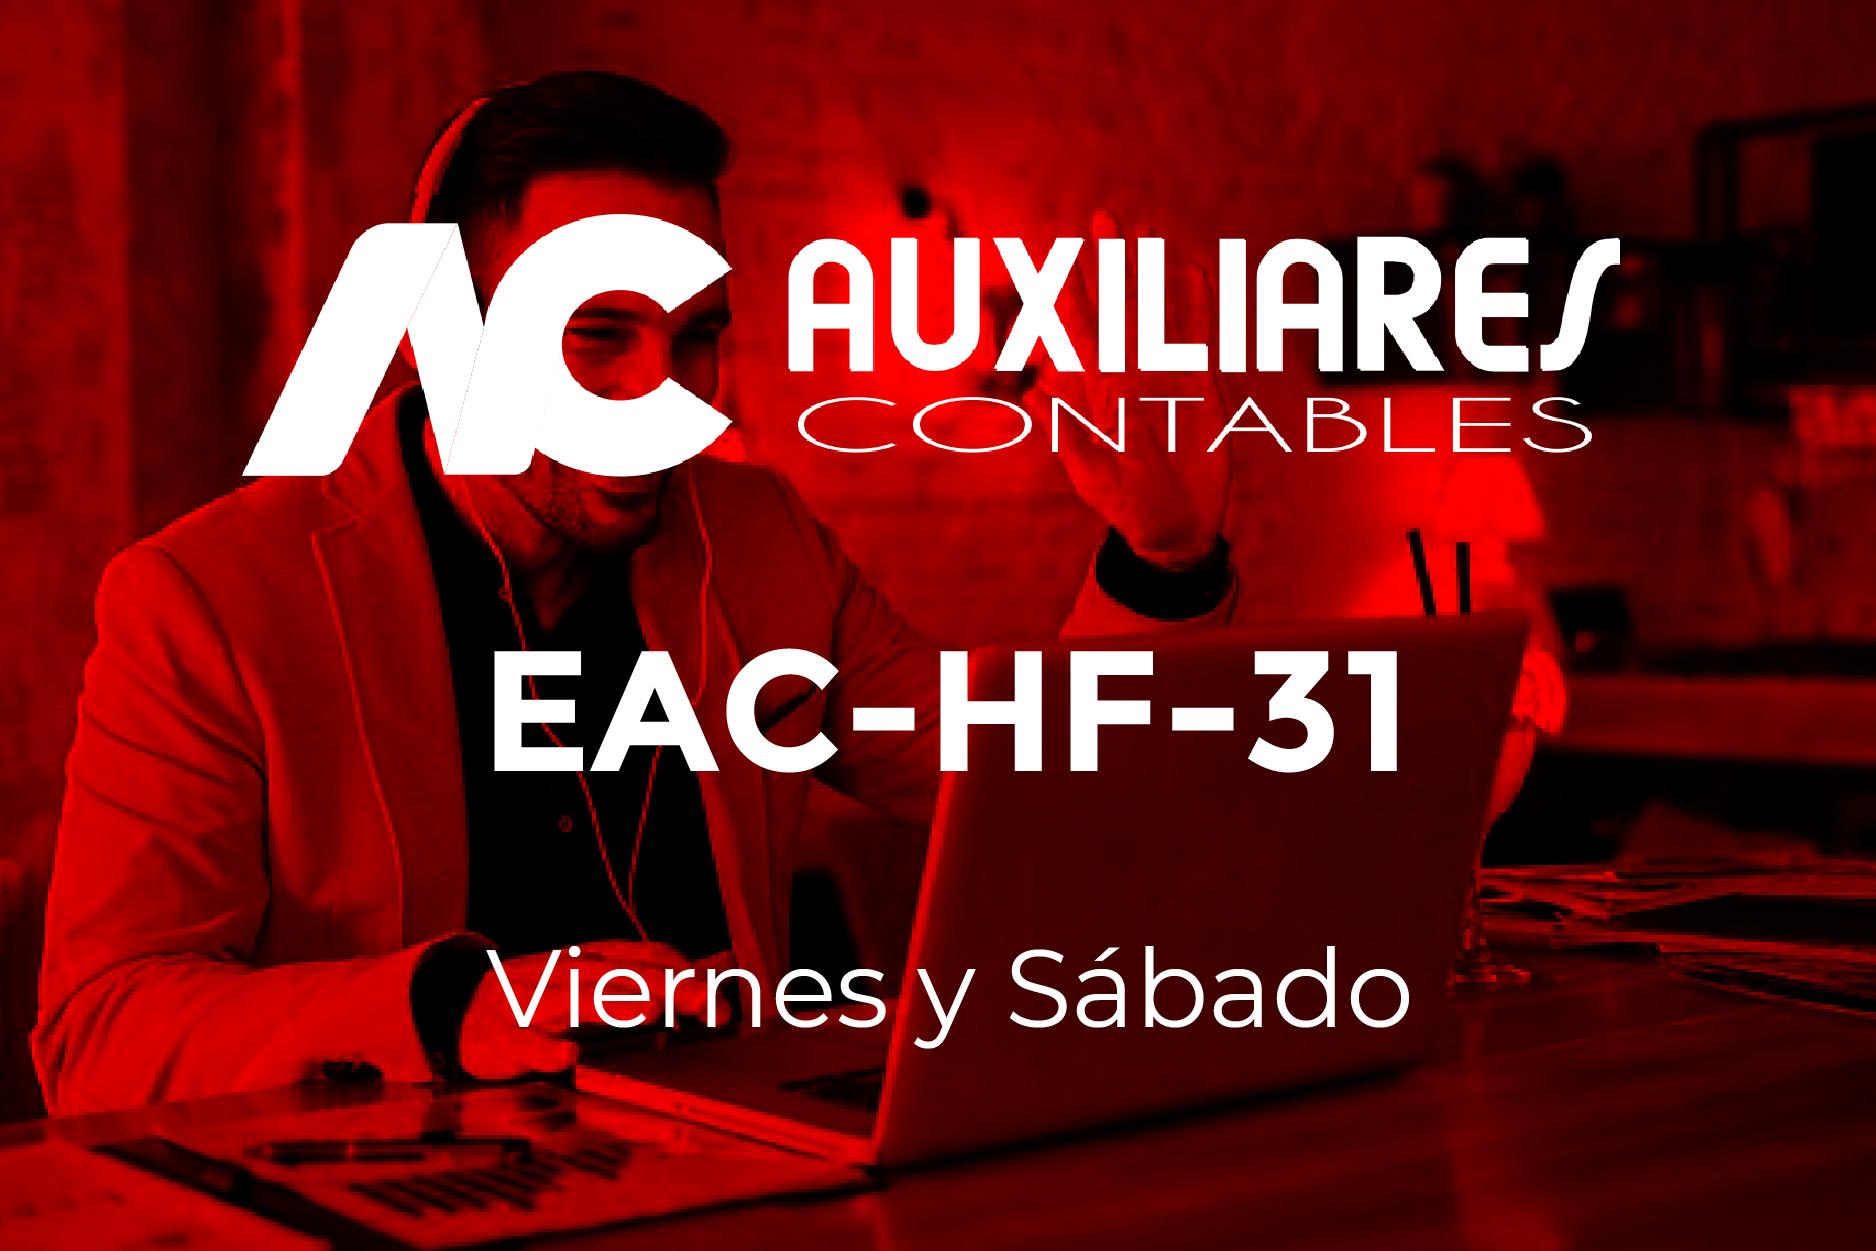 31 - AUXILIARES CONTABLES - VIERNES Y SÁBADO